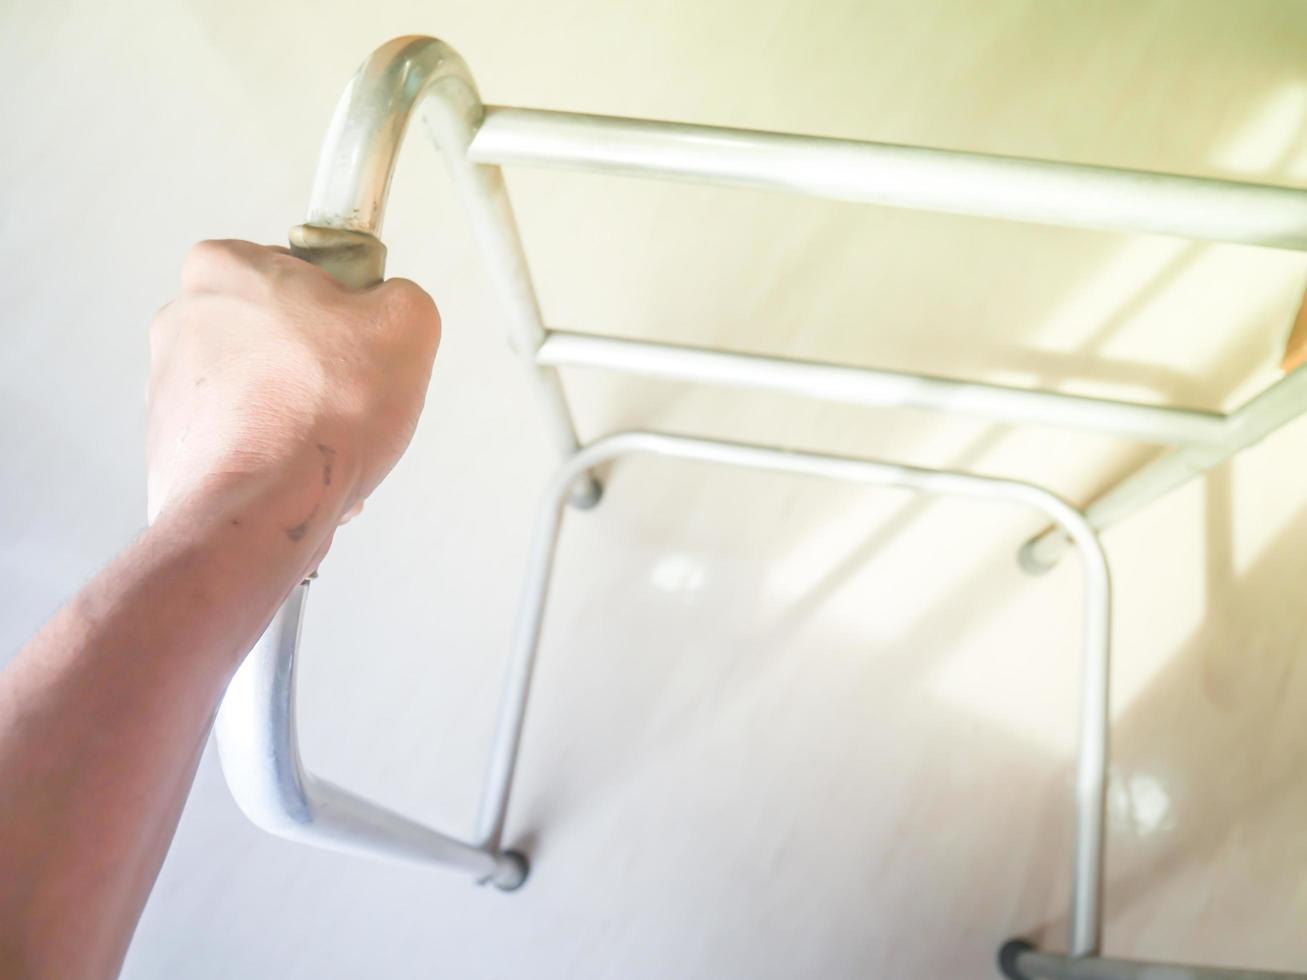 linke Hand greift die Gehhilfen, medizinische Geräte für Patienten, die nicht gehen können foto